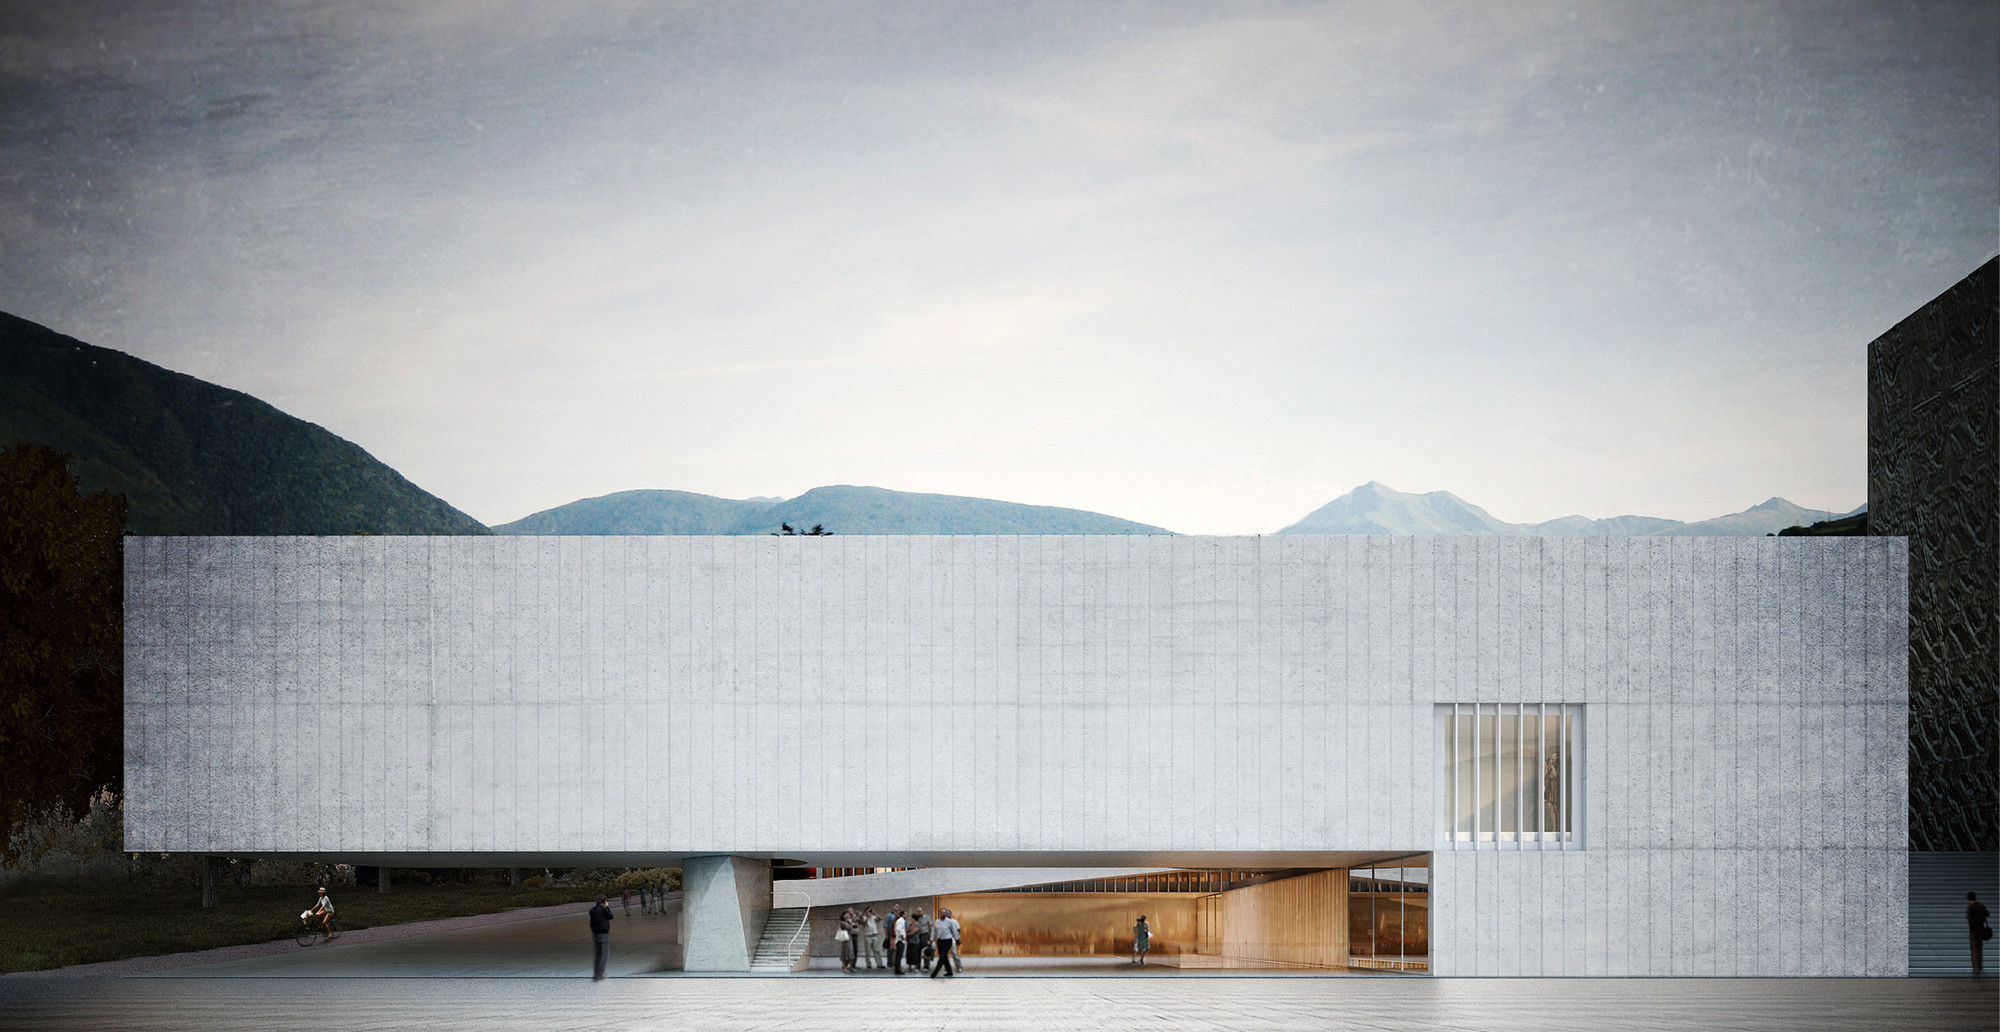 Aires Mateus + GSMM Architetti recebem menção honrosa em concurso para uma escola de música na Itália, Cortesia de Aires Mateus